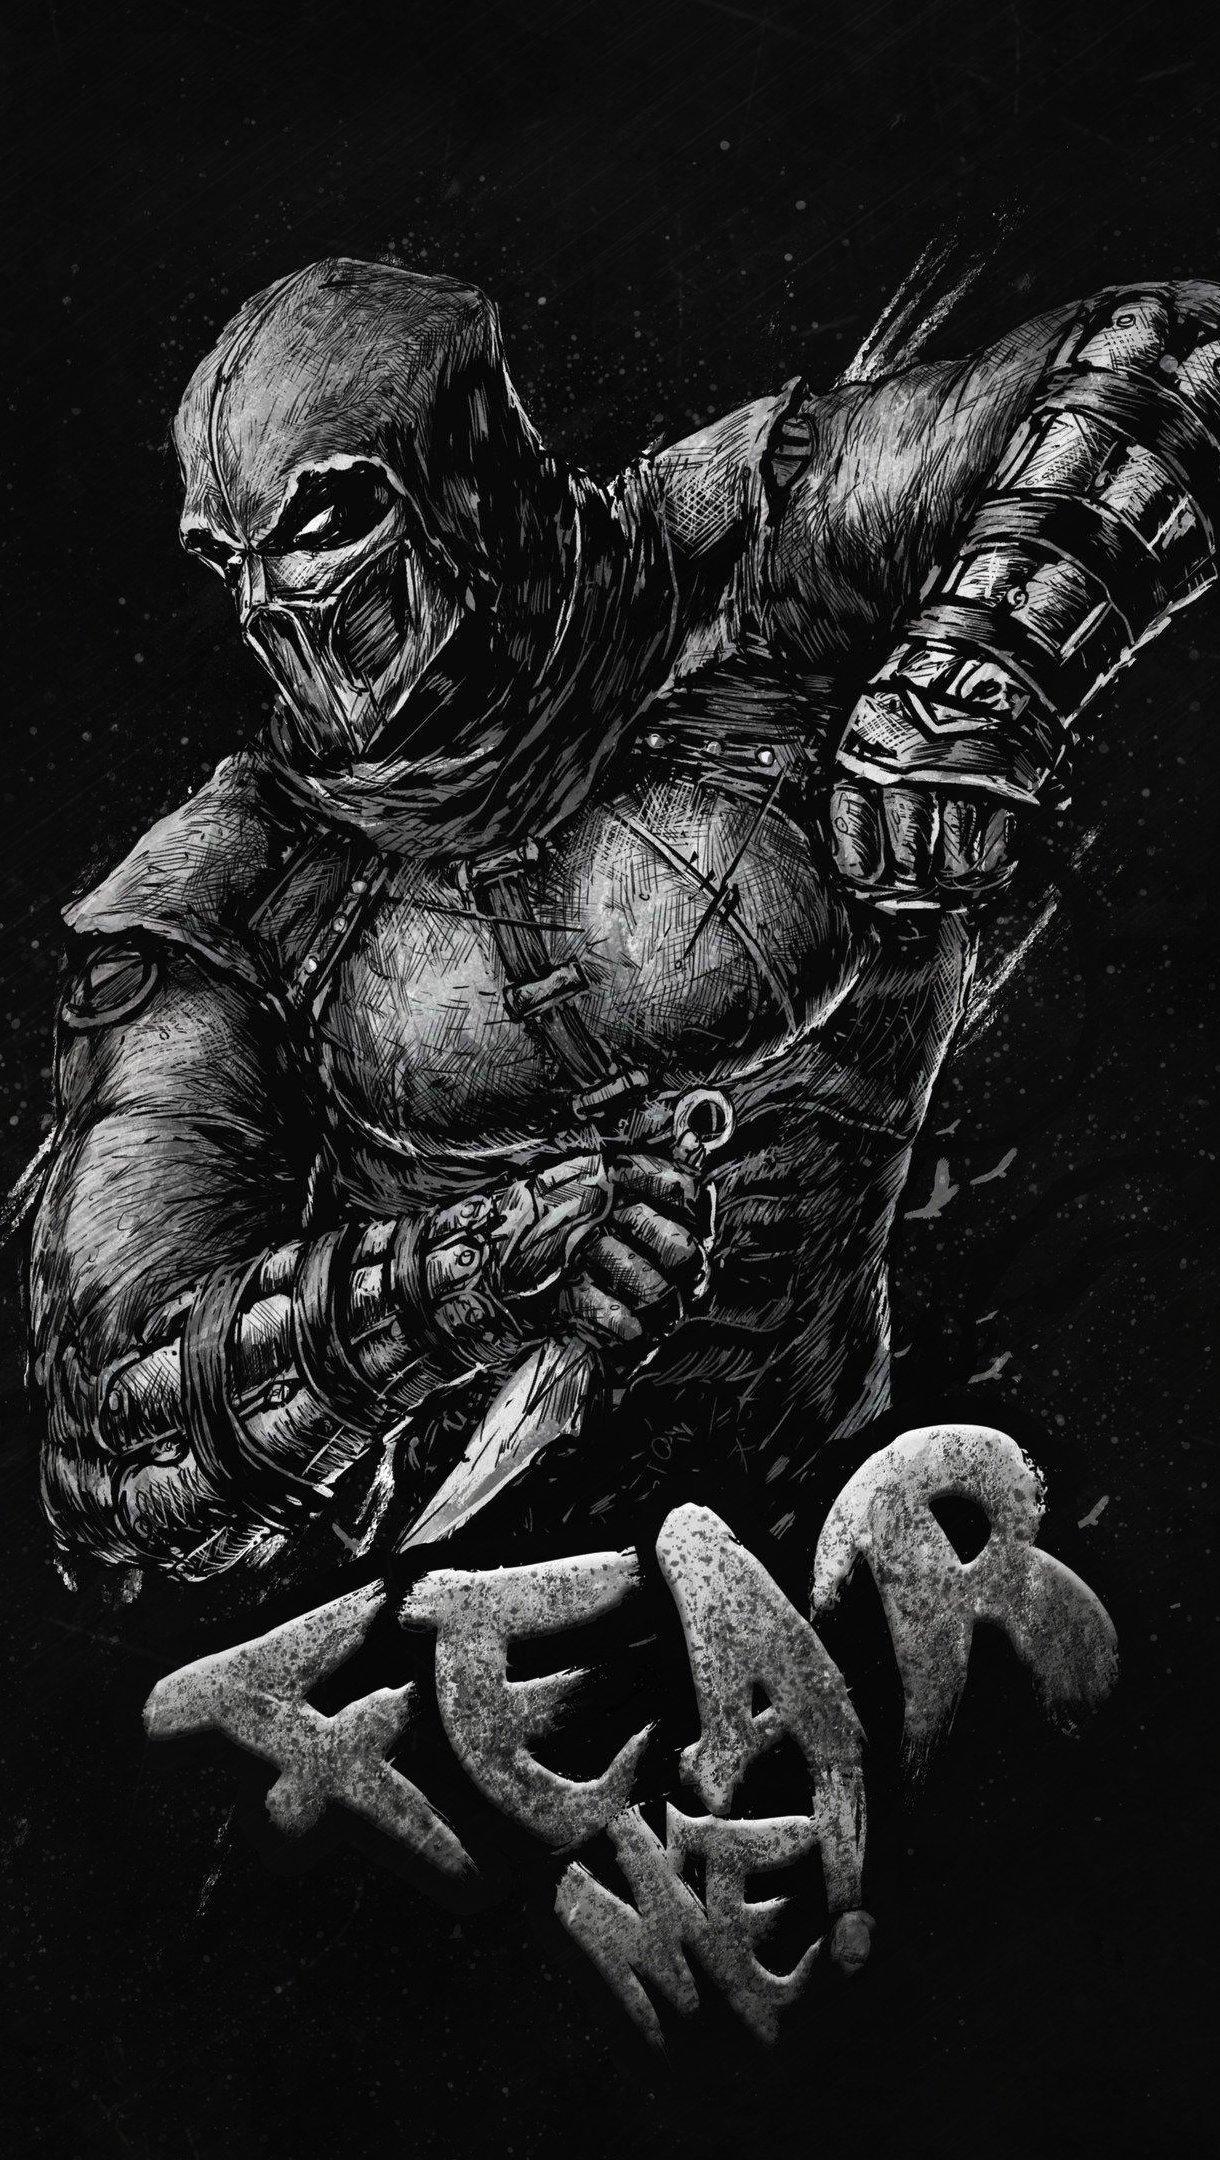 Wallpaper Scorpion of Mortal Kombat Vertical